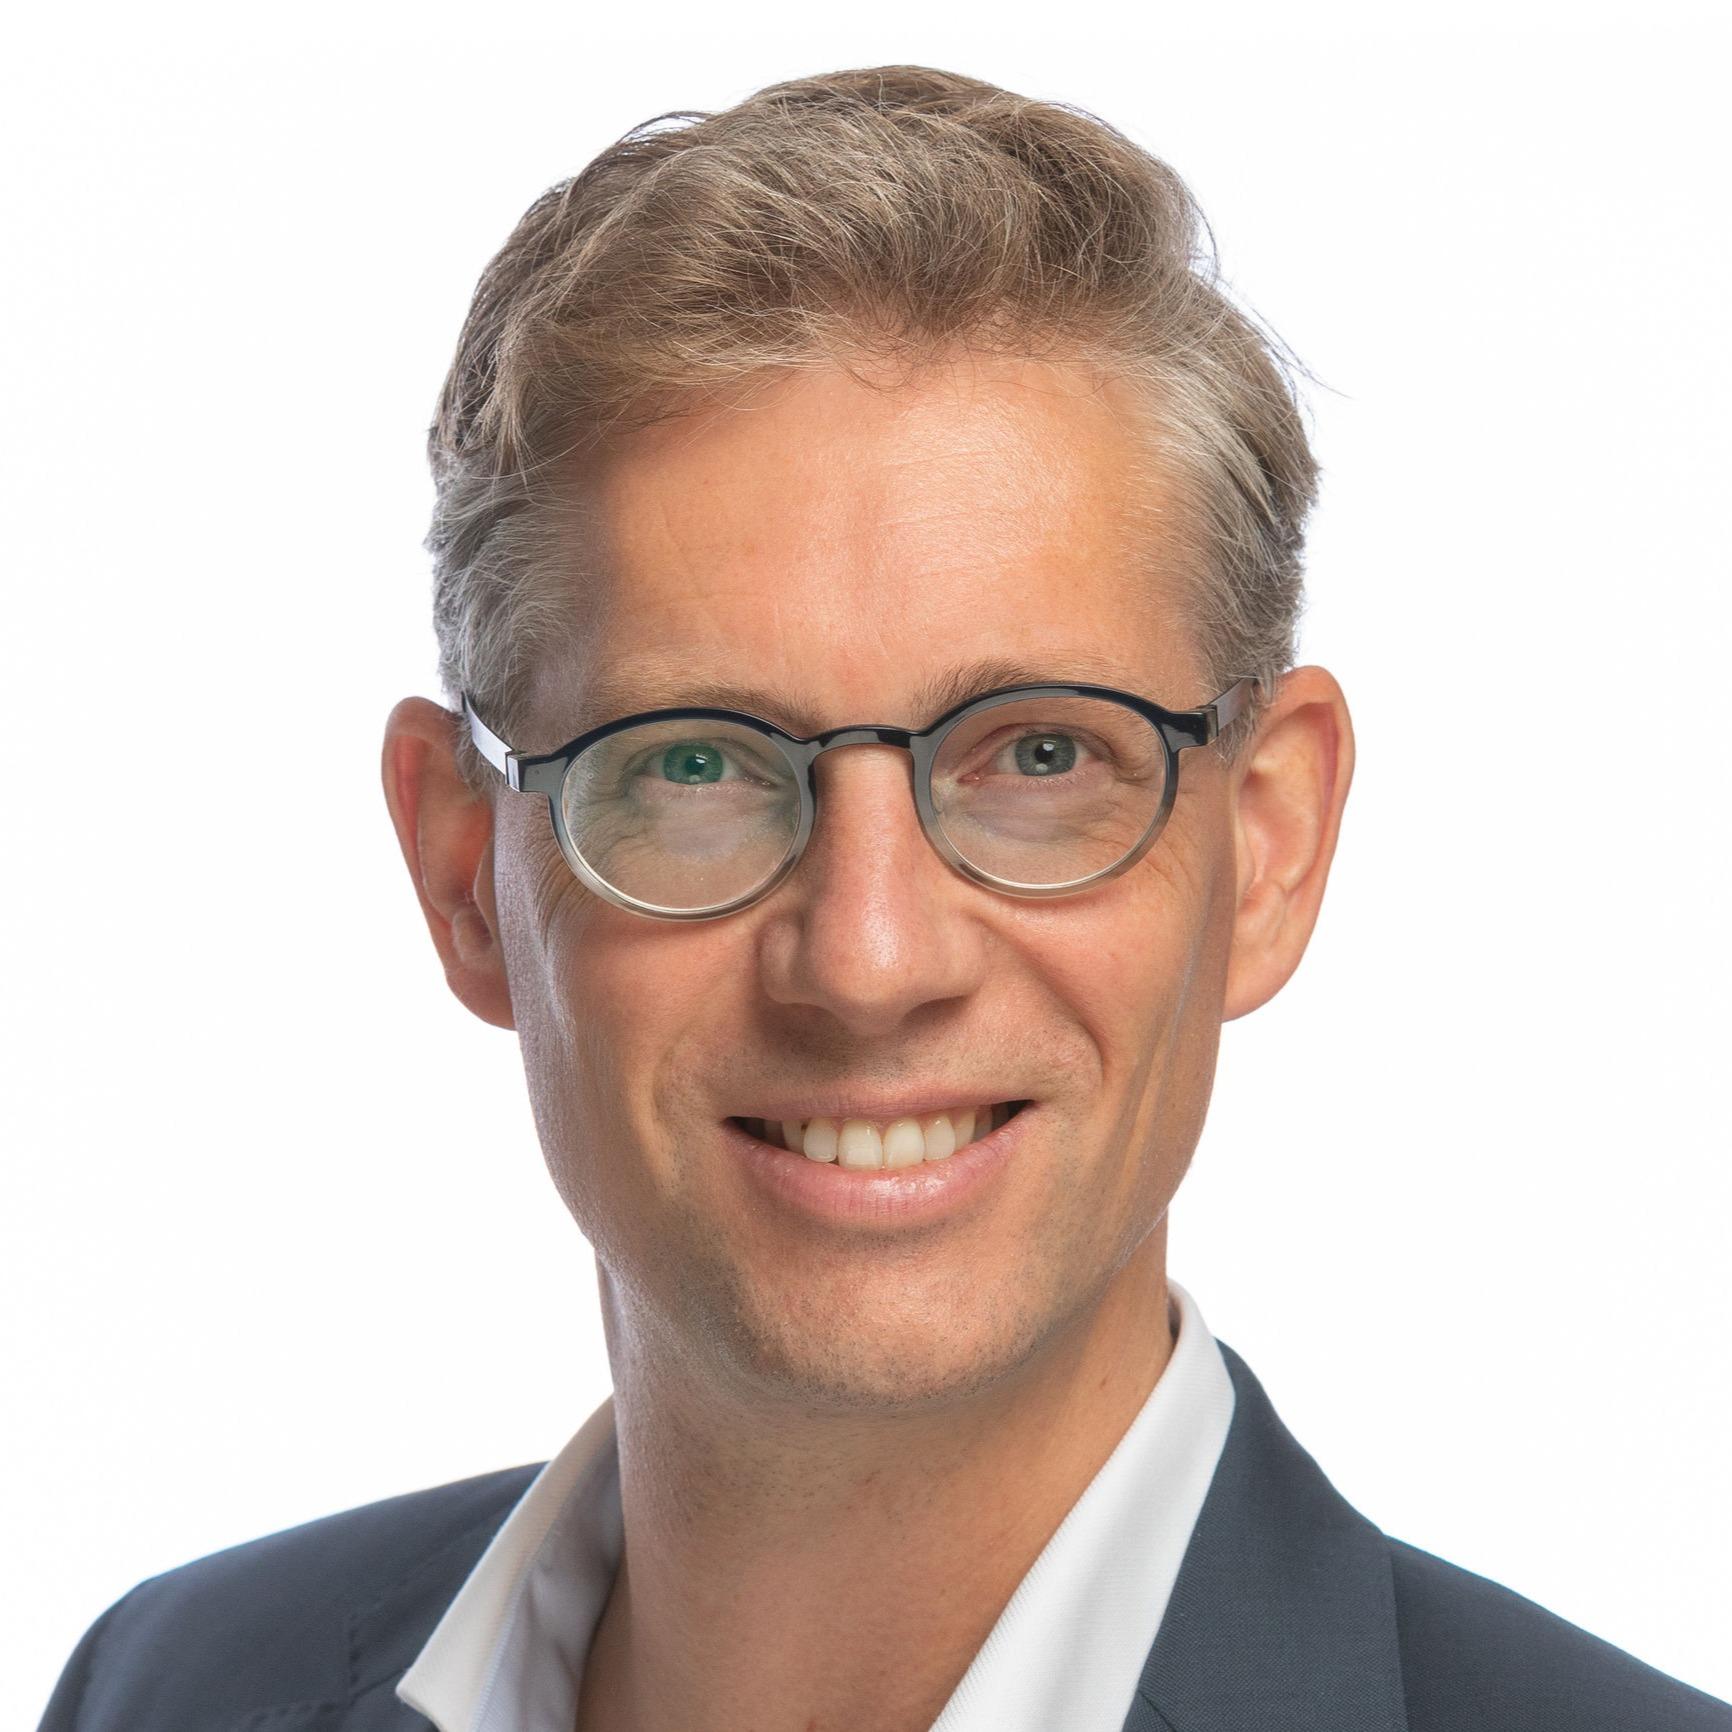 Alexander Eerdmans